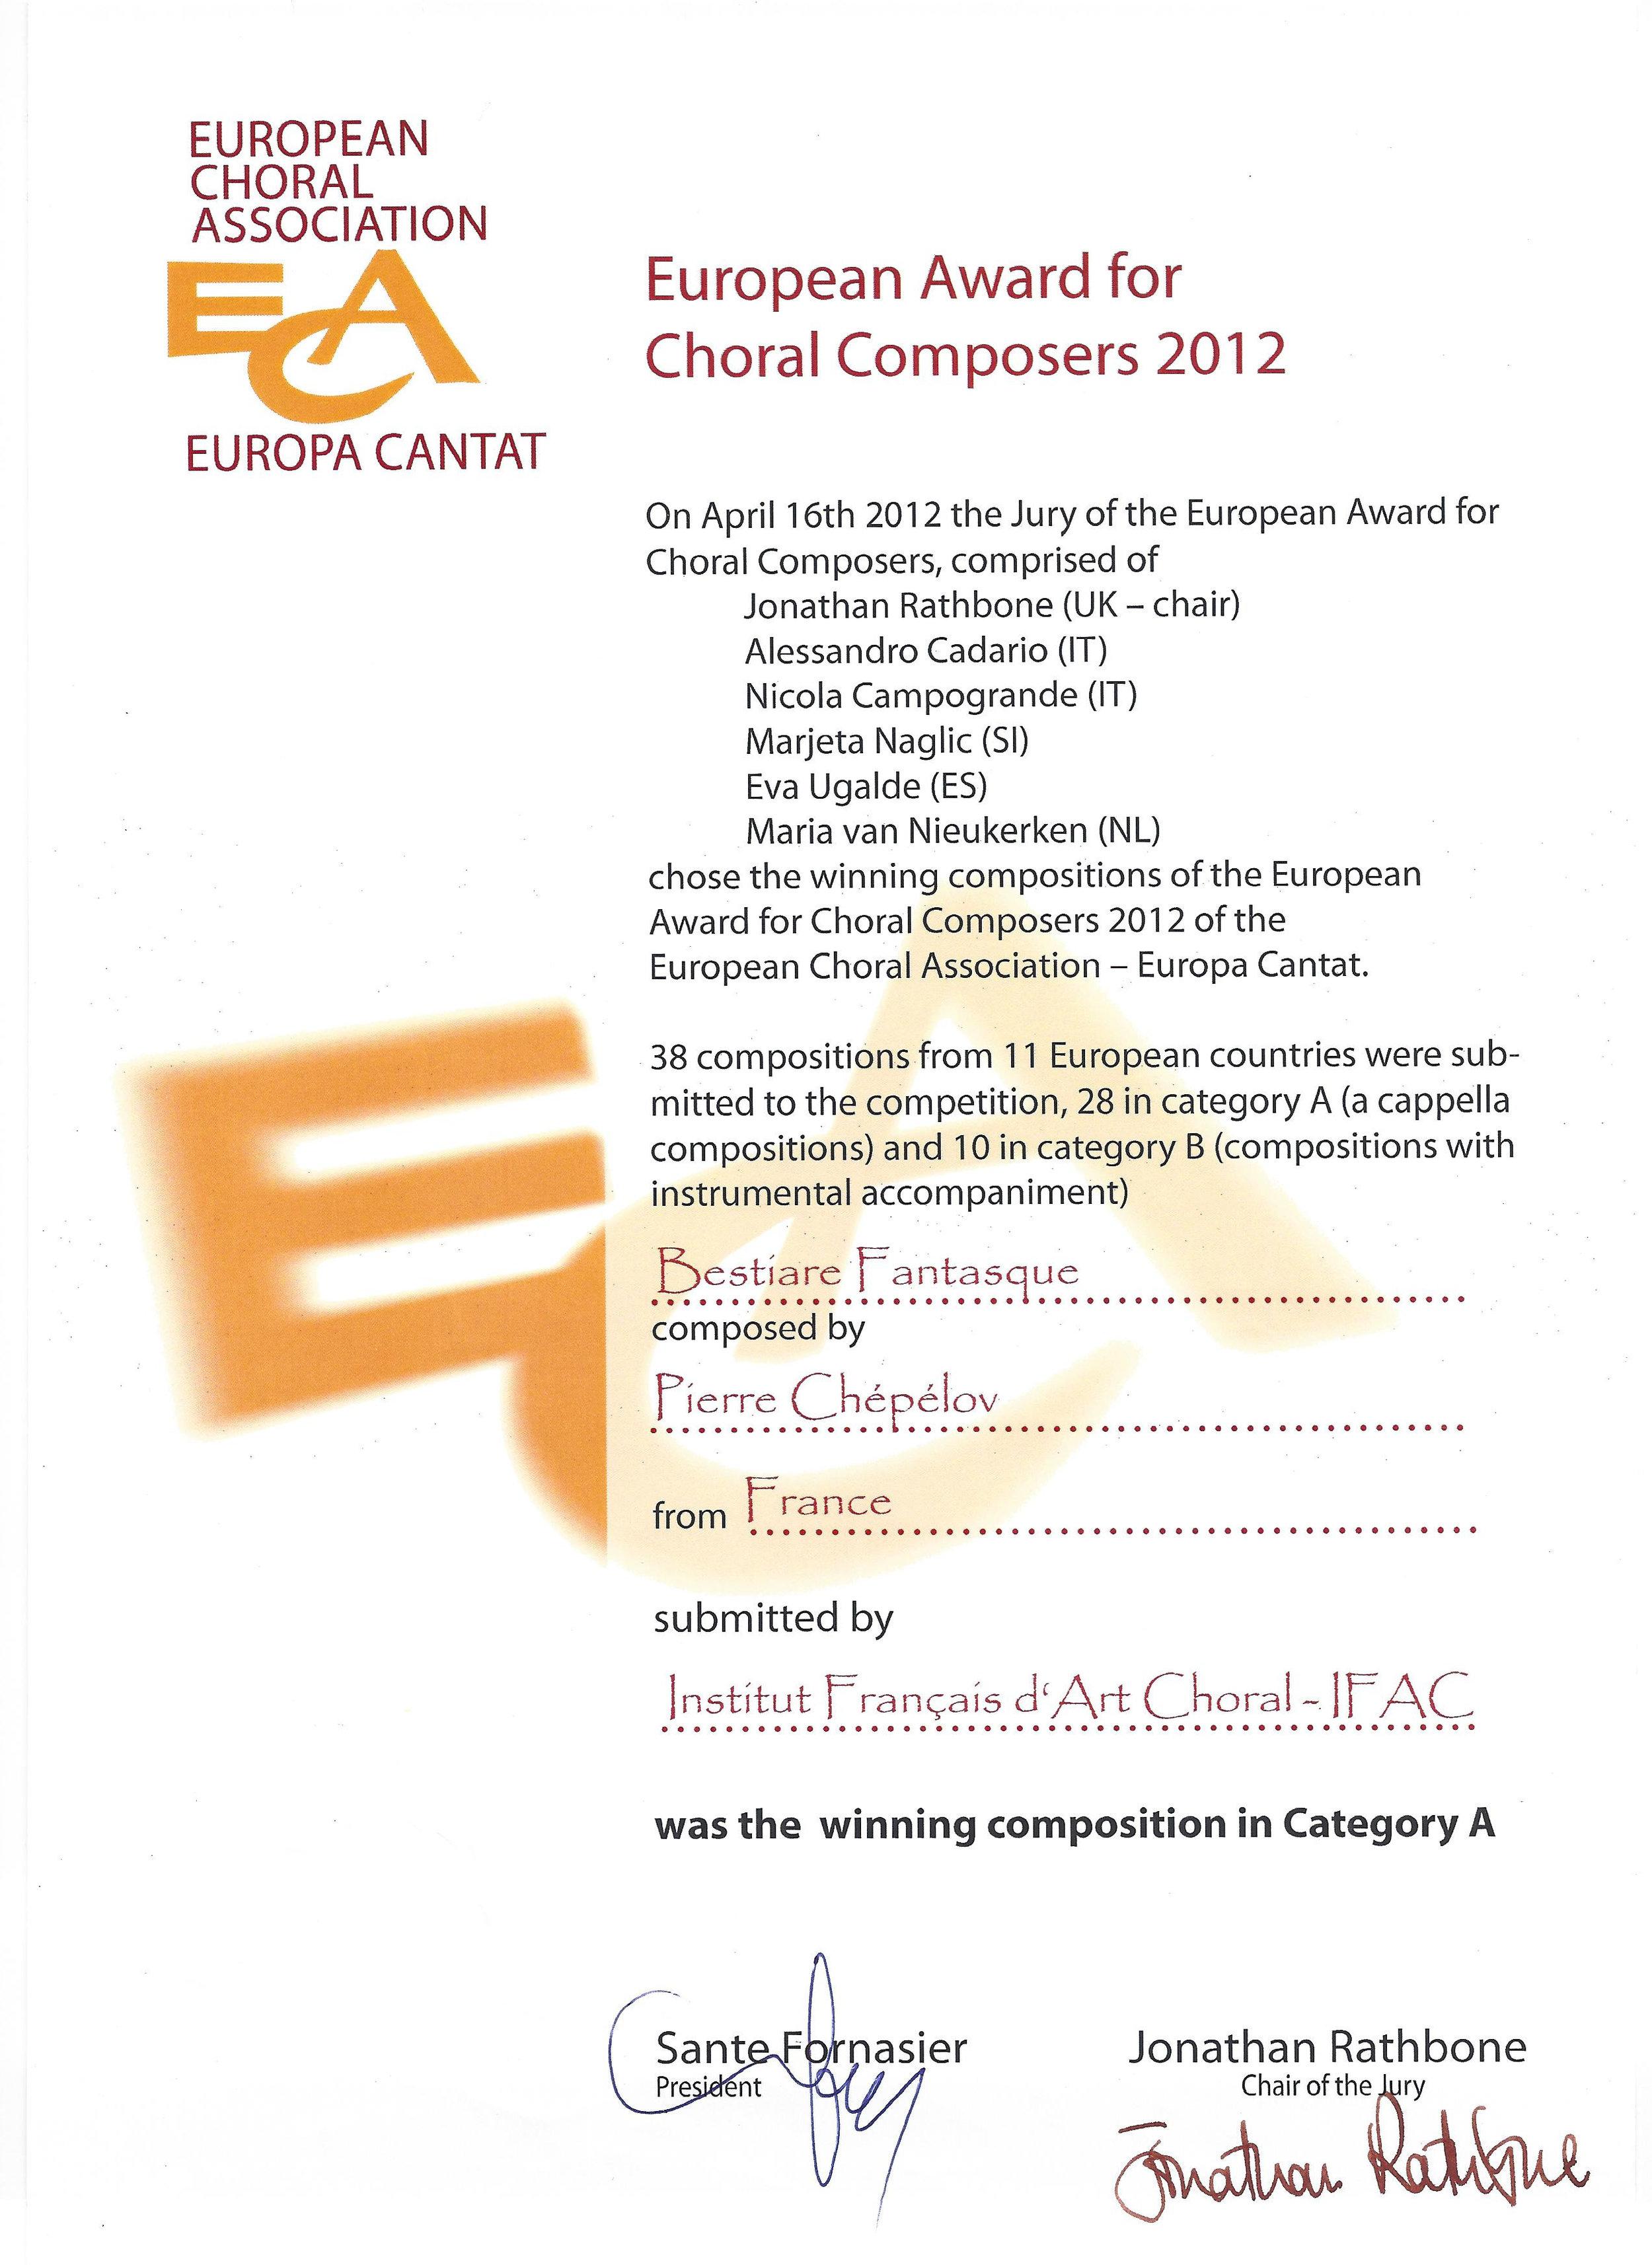 European Award for Choral Composers 2012 – ECA Europa Cantat